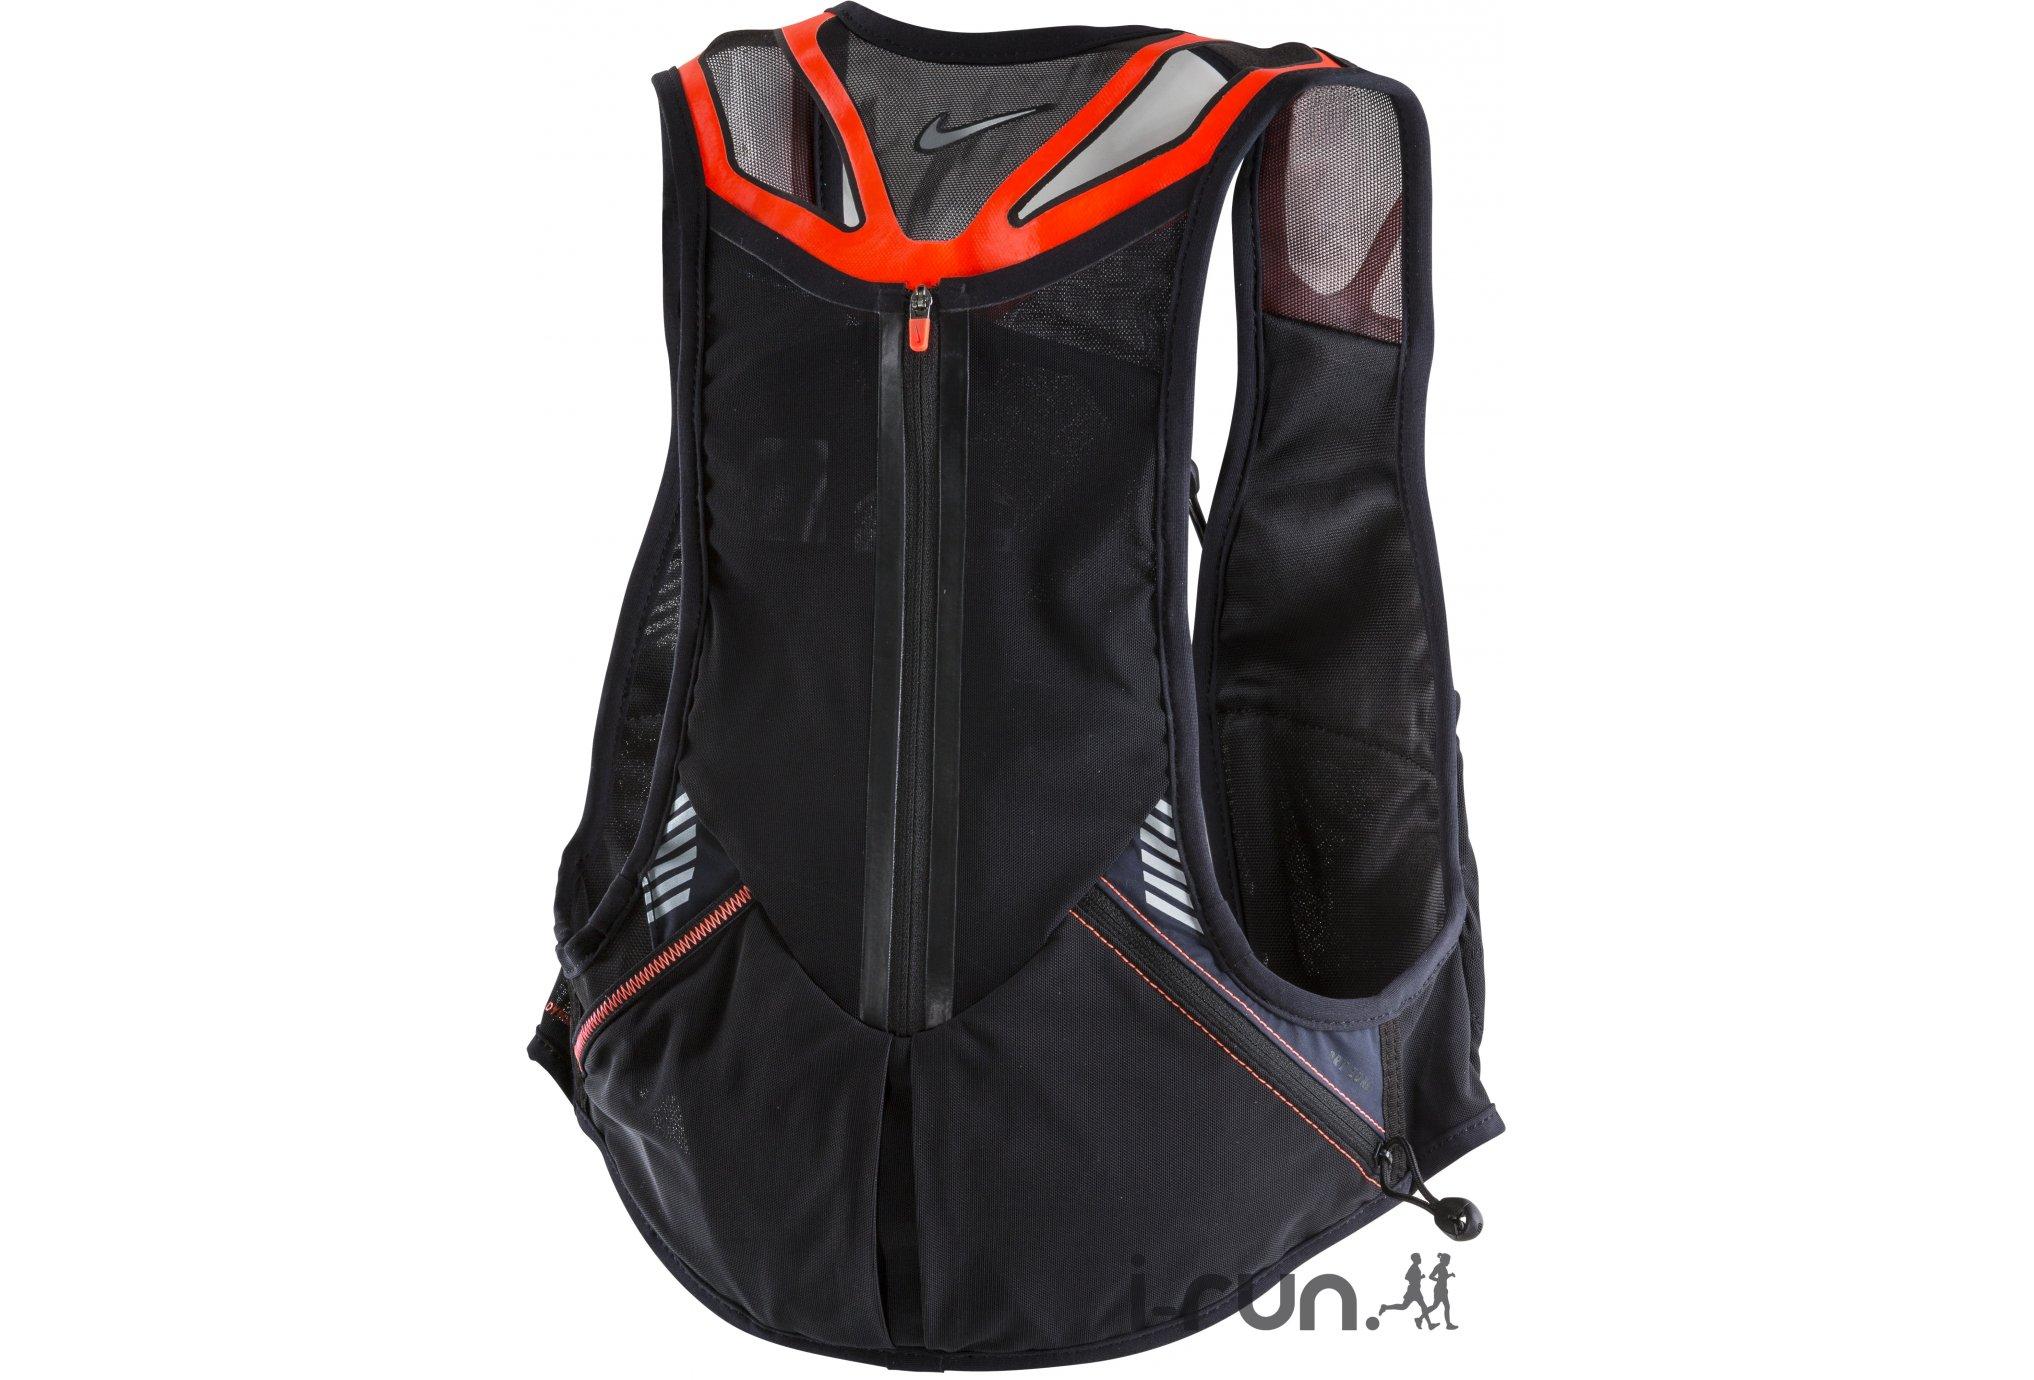 Nike Sac Trail Kiger Sac hydratation / Gourde